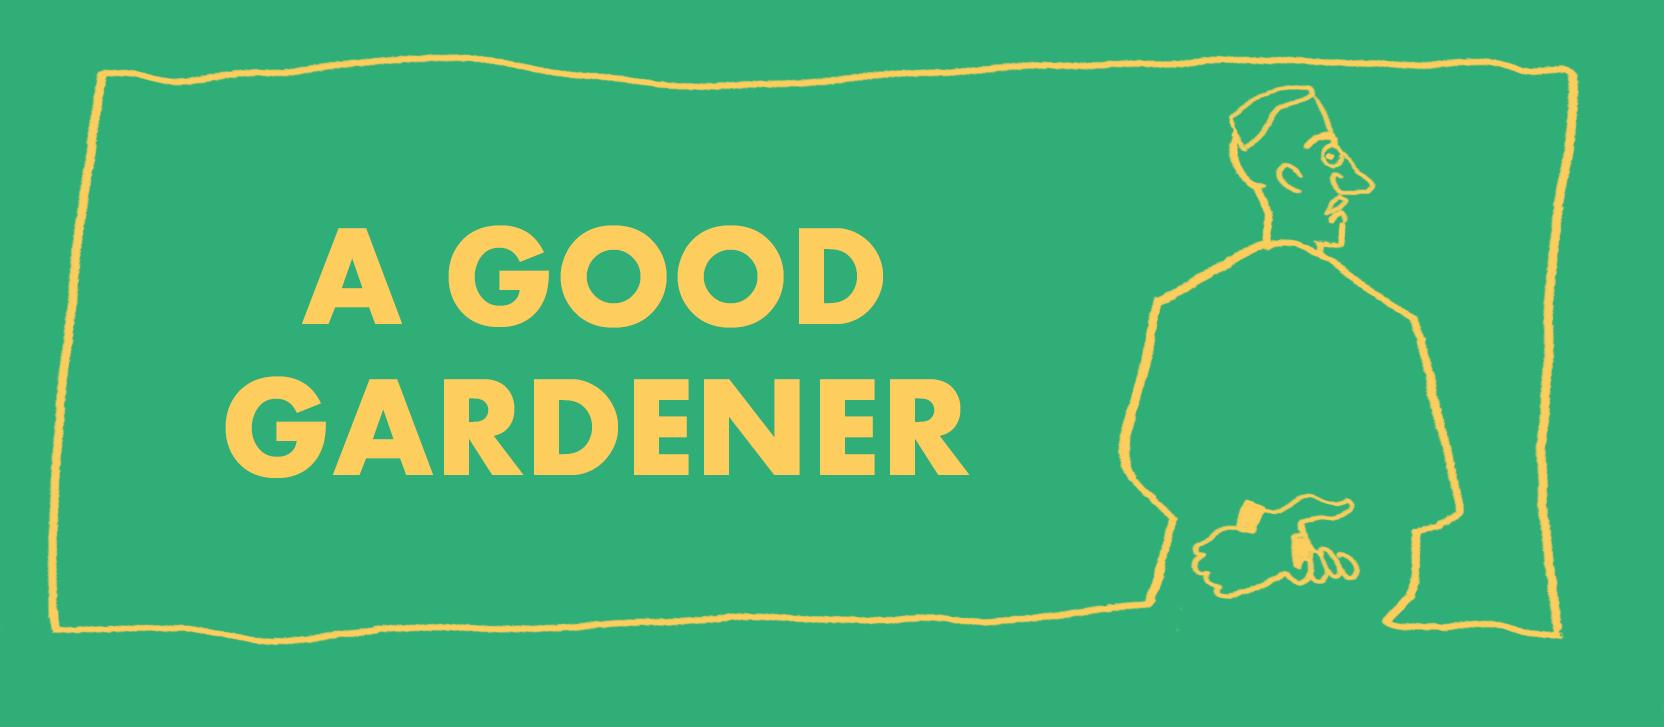 A Good Gardener